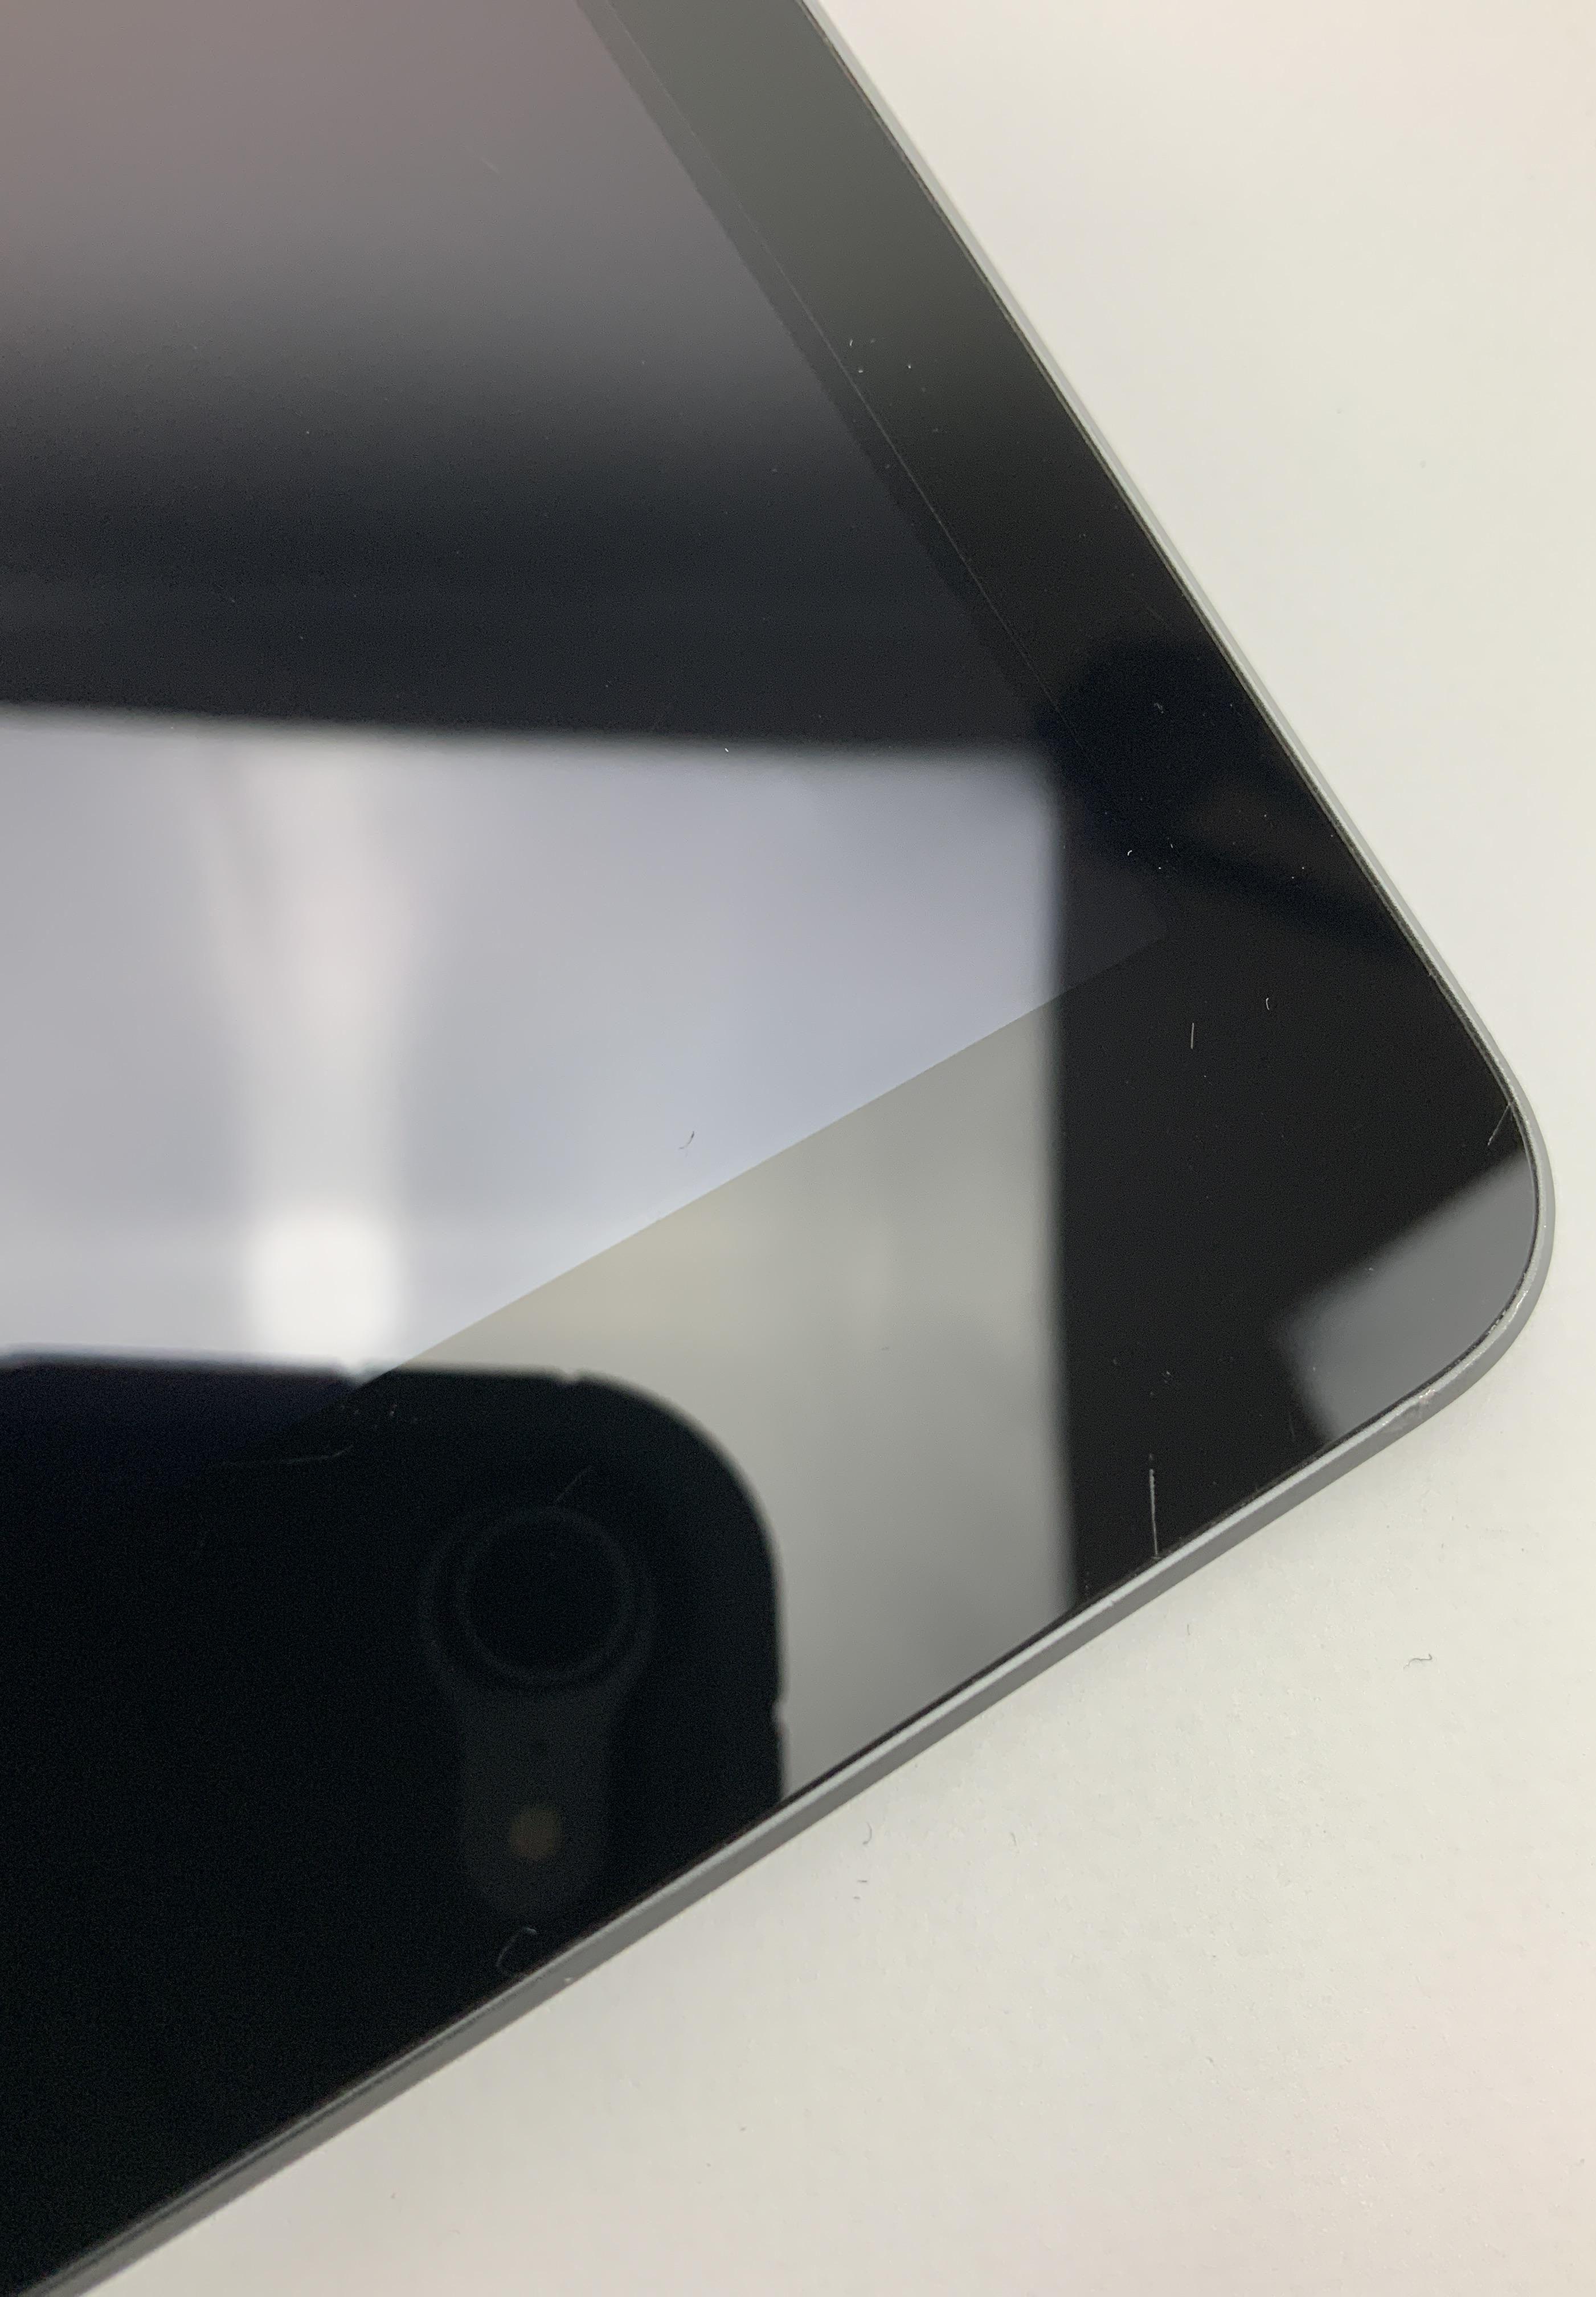 iPad 7 Wi-Fi 32GB, 32GB, Space Gray, imagen 6